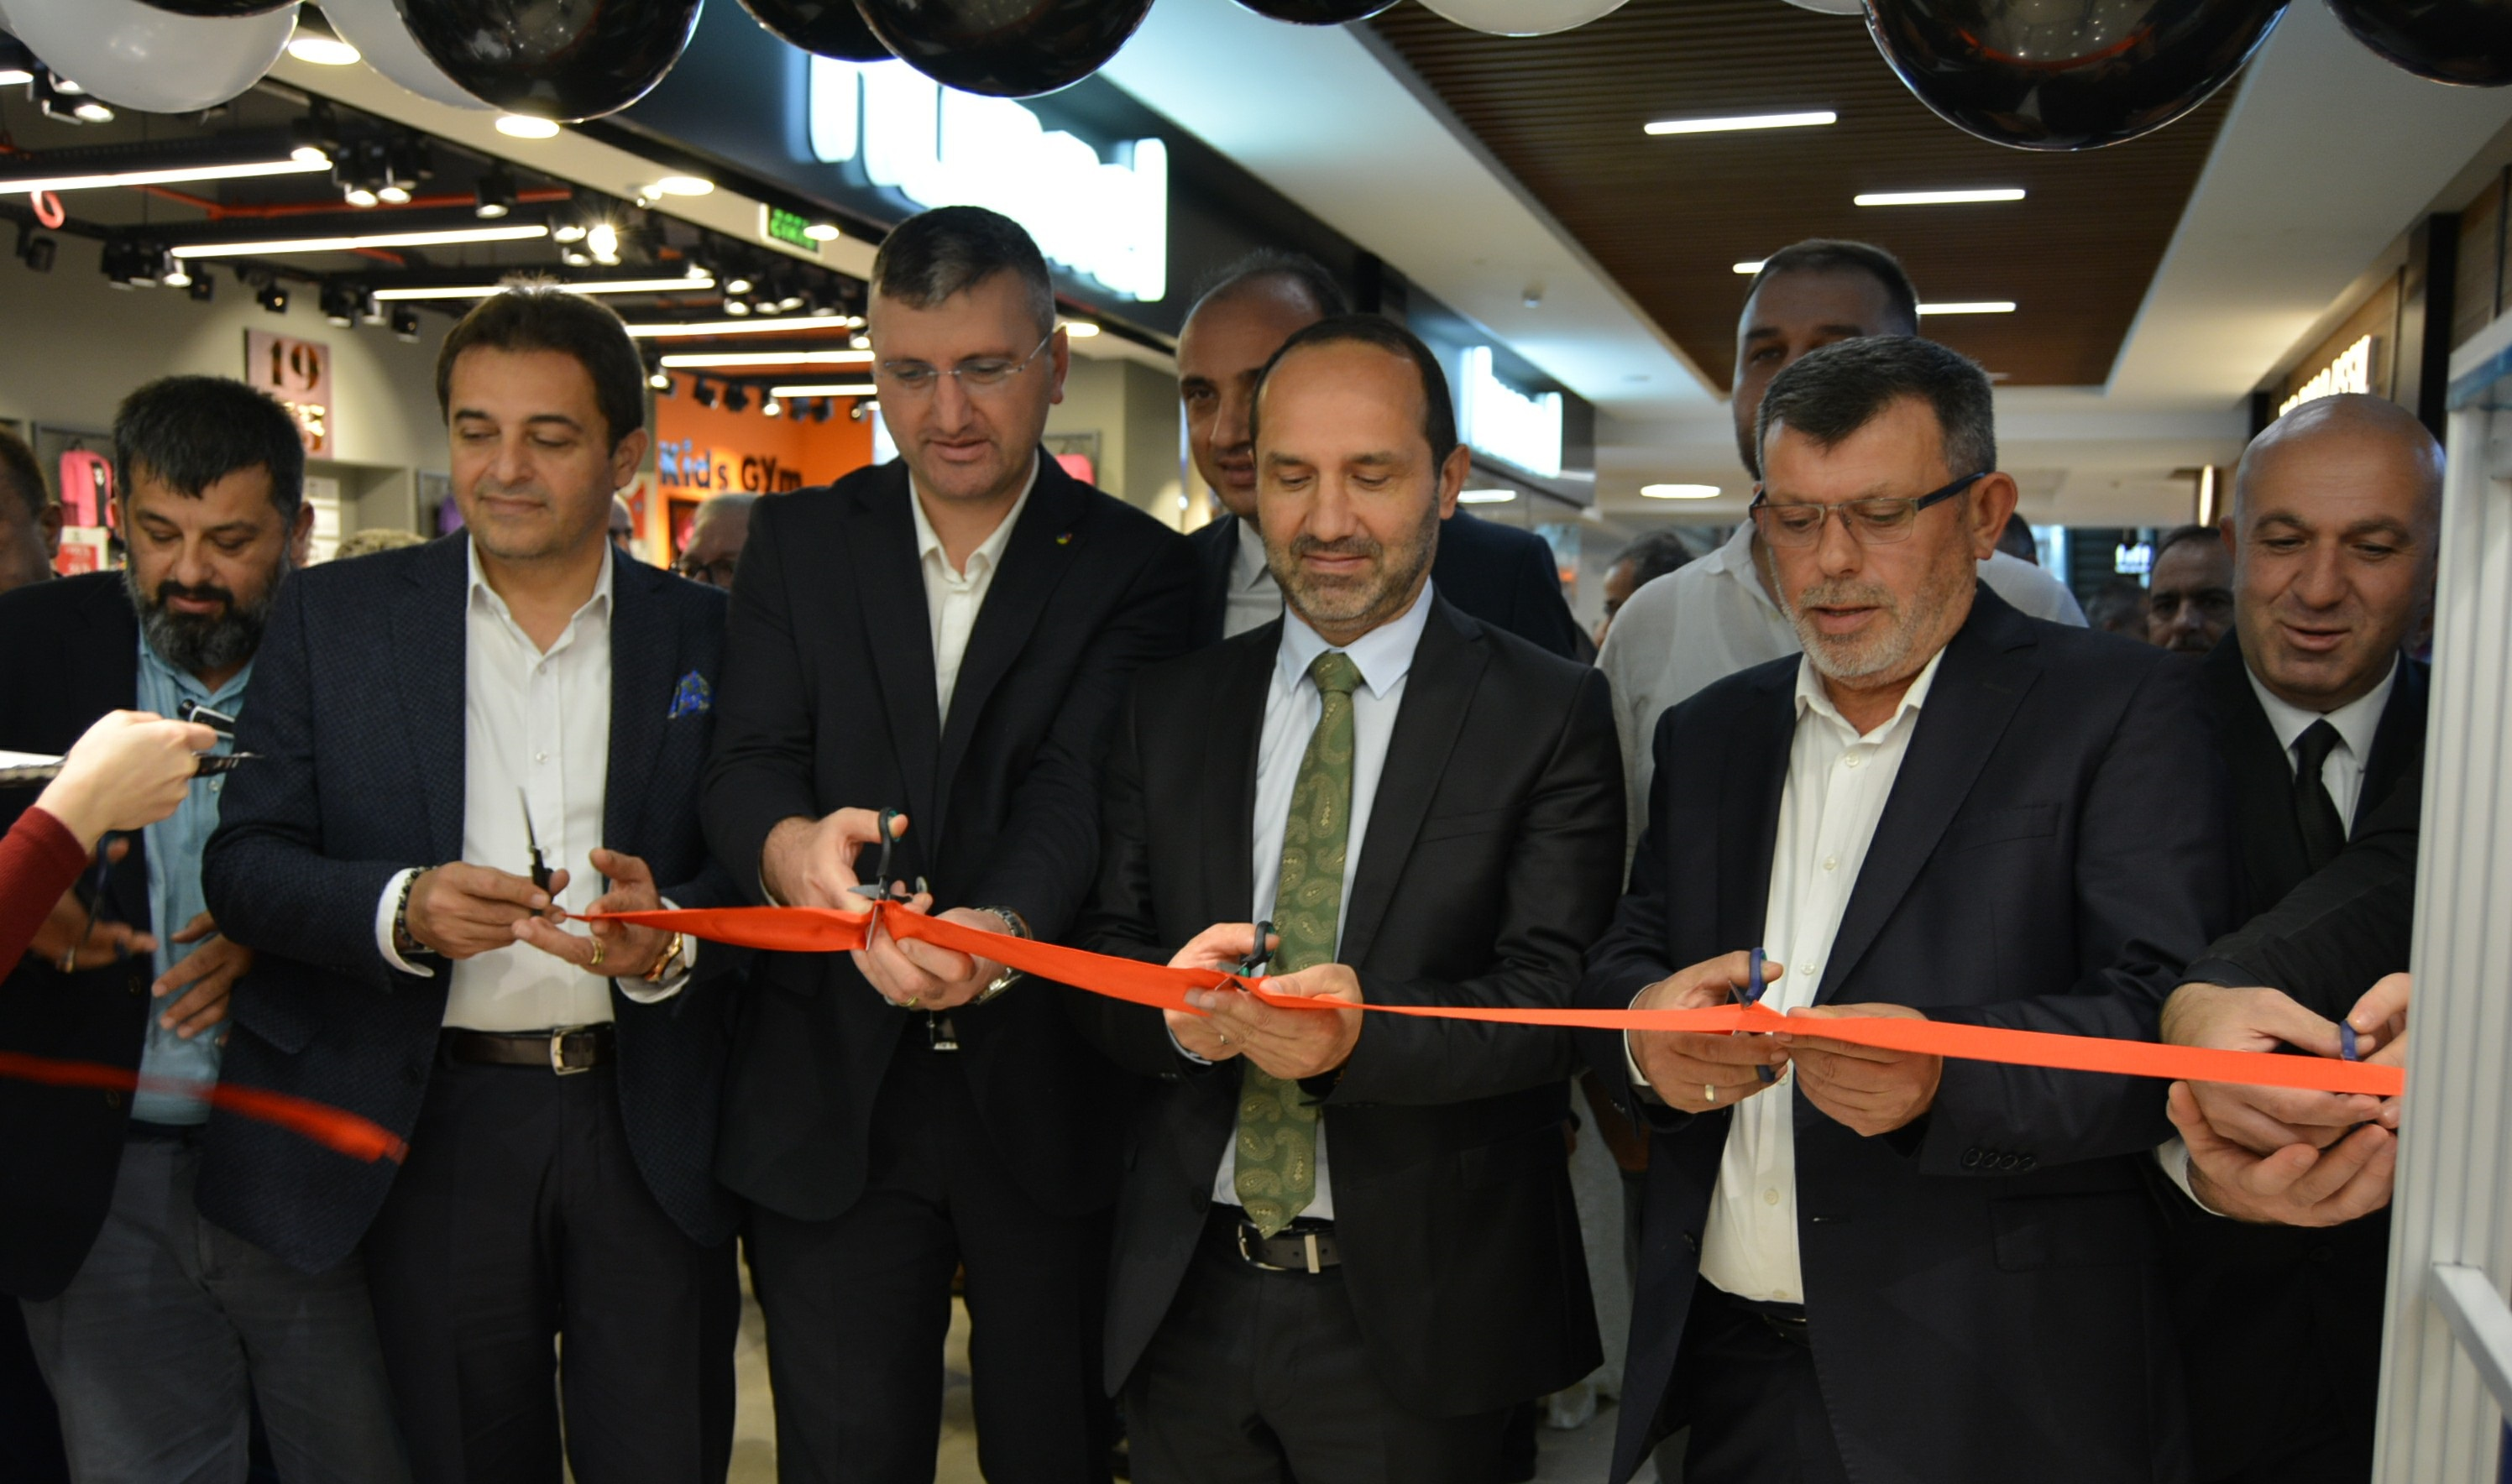 Ekonomik Krize İnat 'Taşlı Giyim' Mağazası, UNIPORT AVM'de Açıldı